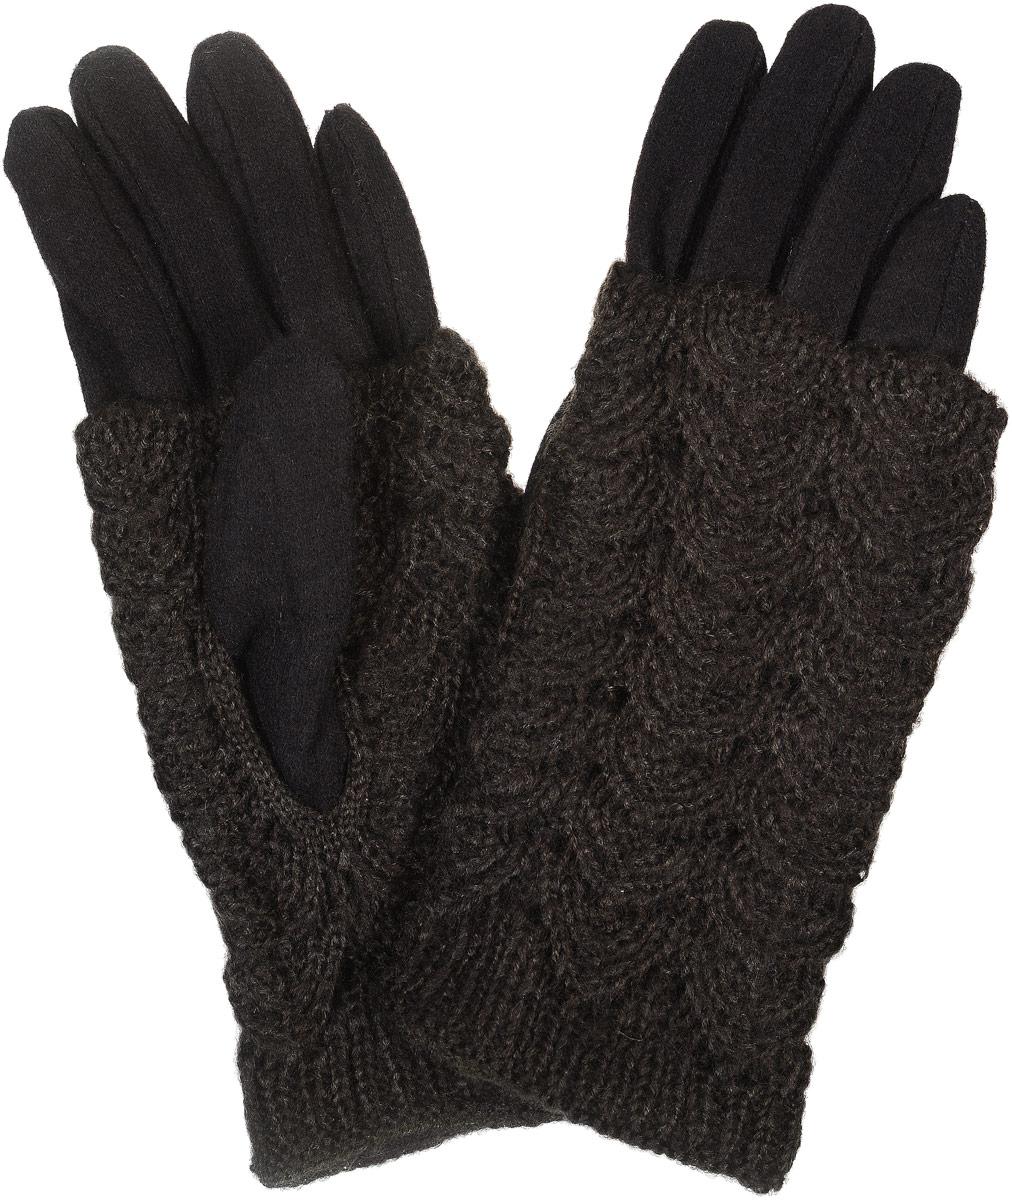 02109115220_23Элегантные женские перчатки Sabellino станут великолепным дополнением вашего образа и защитят ваши руки от холода и ветра во время прогулок. Перчатки выполнены из плотного шерстяного трикотажа. Модель выполнена в лаконичном однотонном стиле и дополнена теплой вязанной накладкой. Такие перчатки будут оригинальным завершающим штрихом в создании современного модного образа.